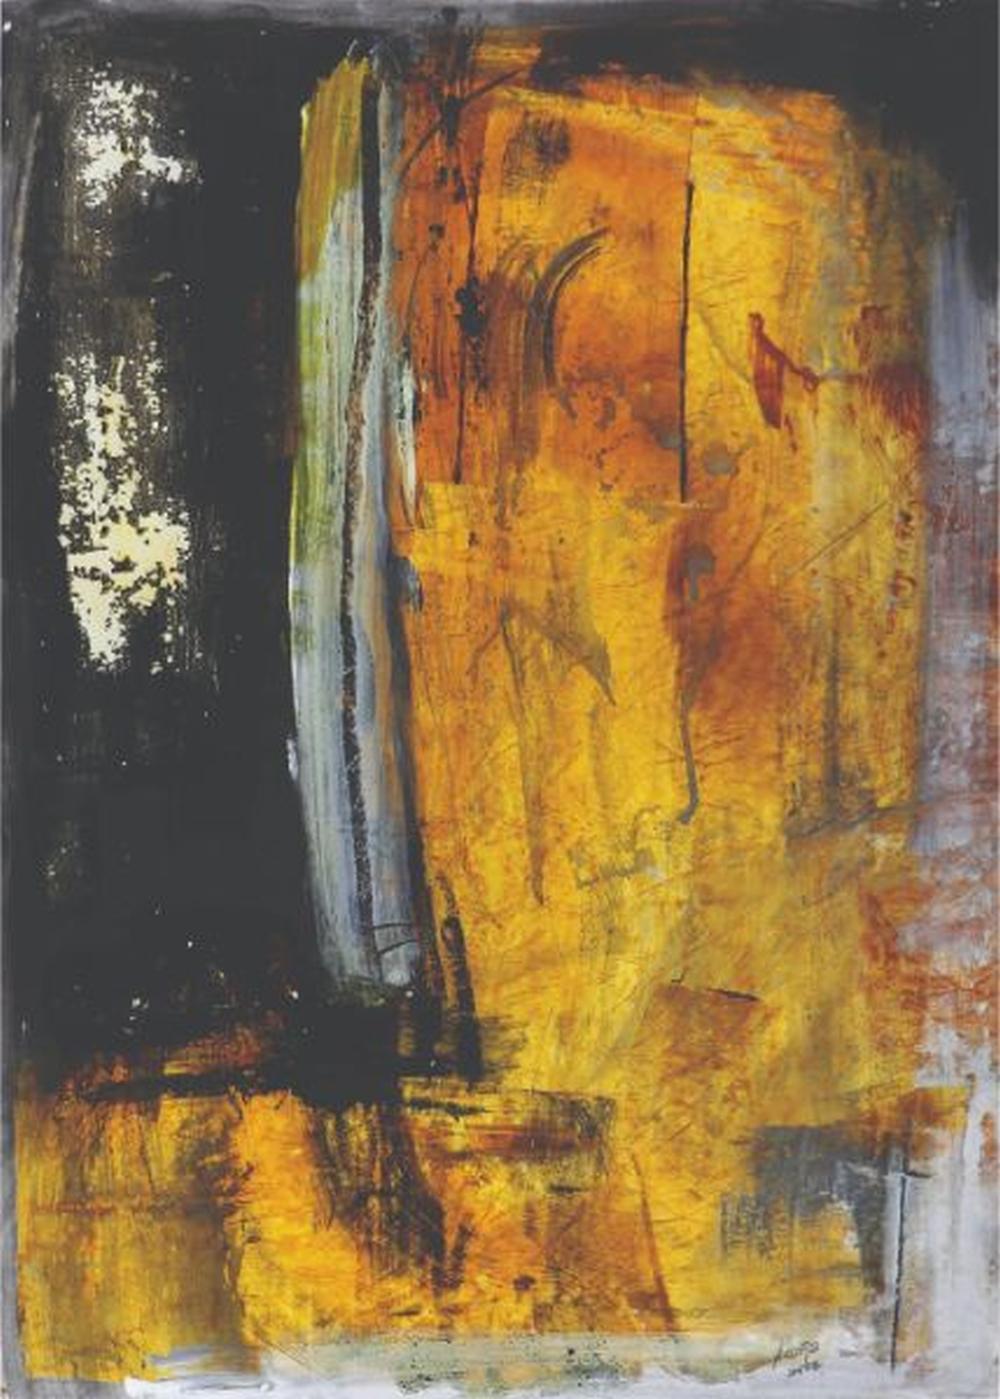 Ivan Acuña (b. 1968) - Metalscape Series No. 19